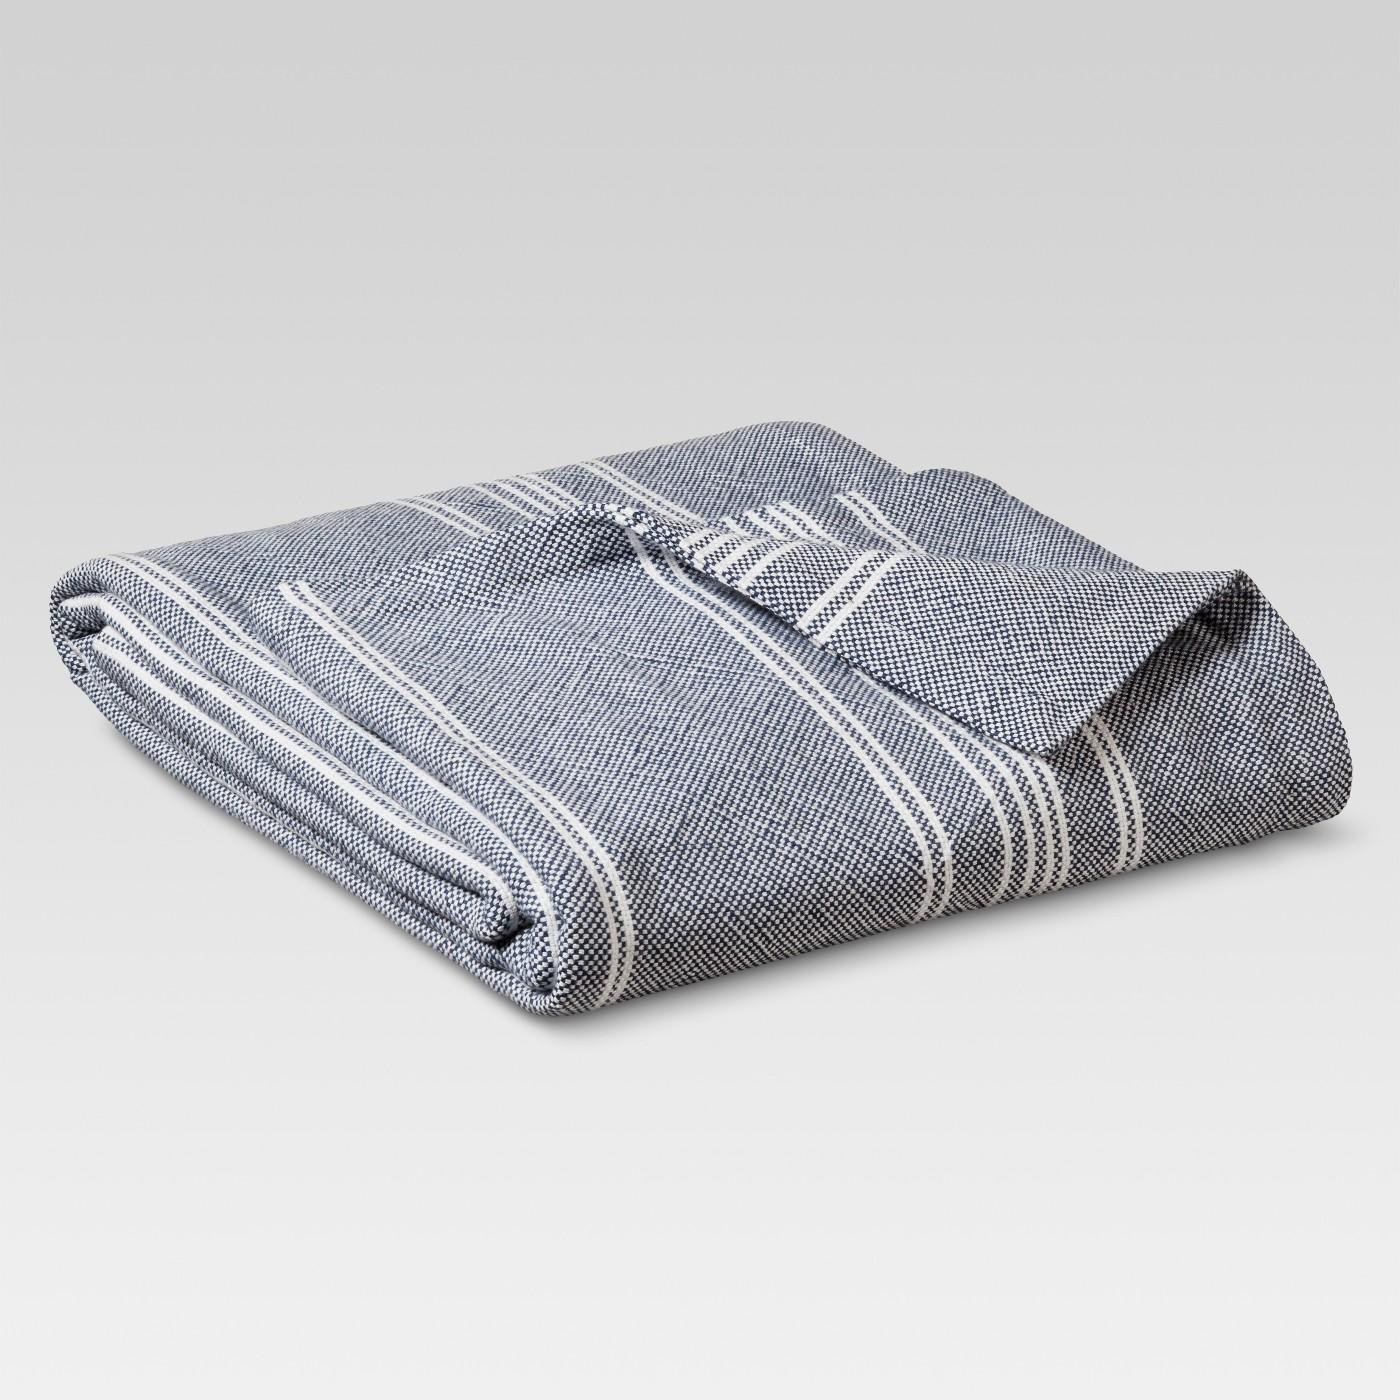 Yarn Dye Stripe Ringspun Cotton Blanket - Threshold™ - image 1 of 5